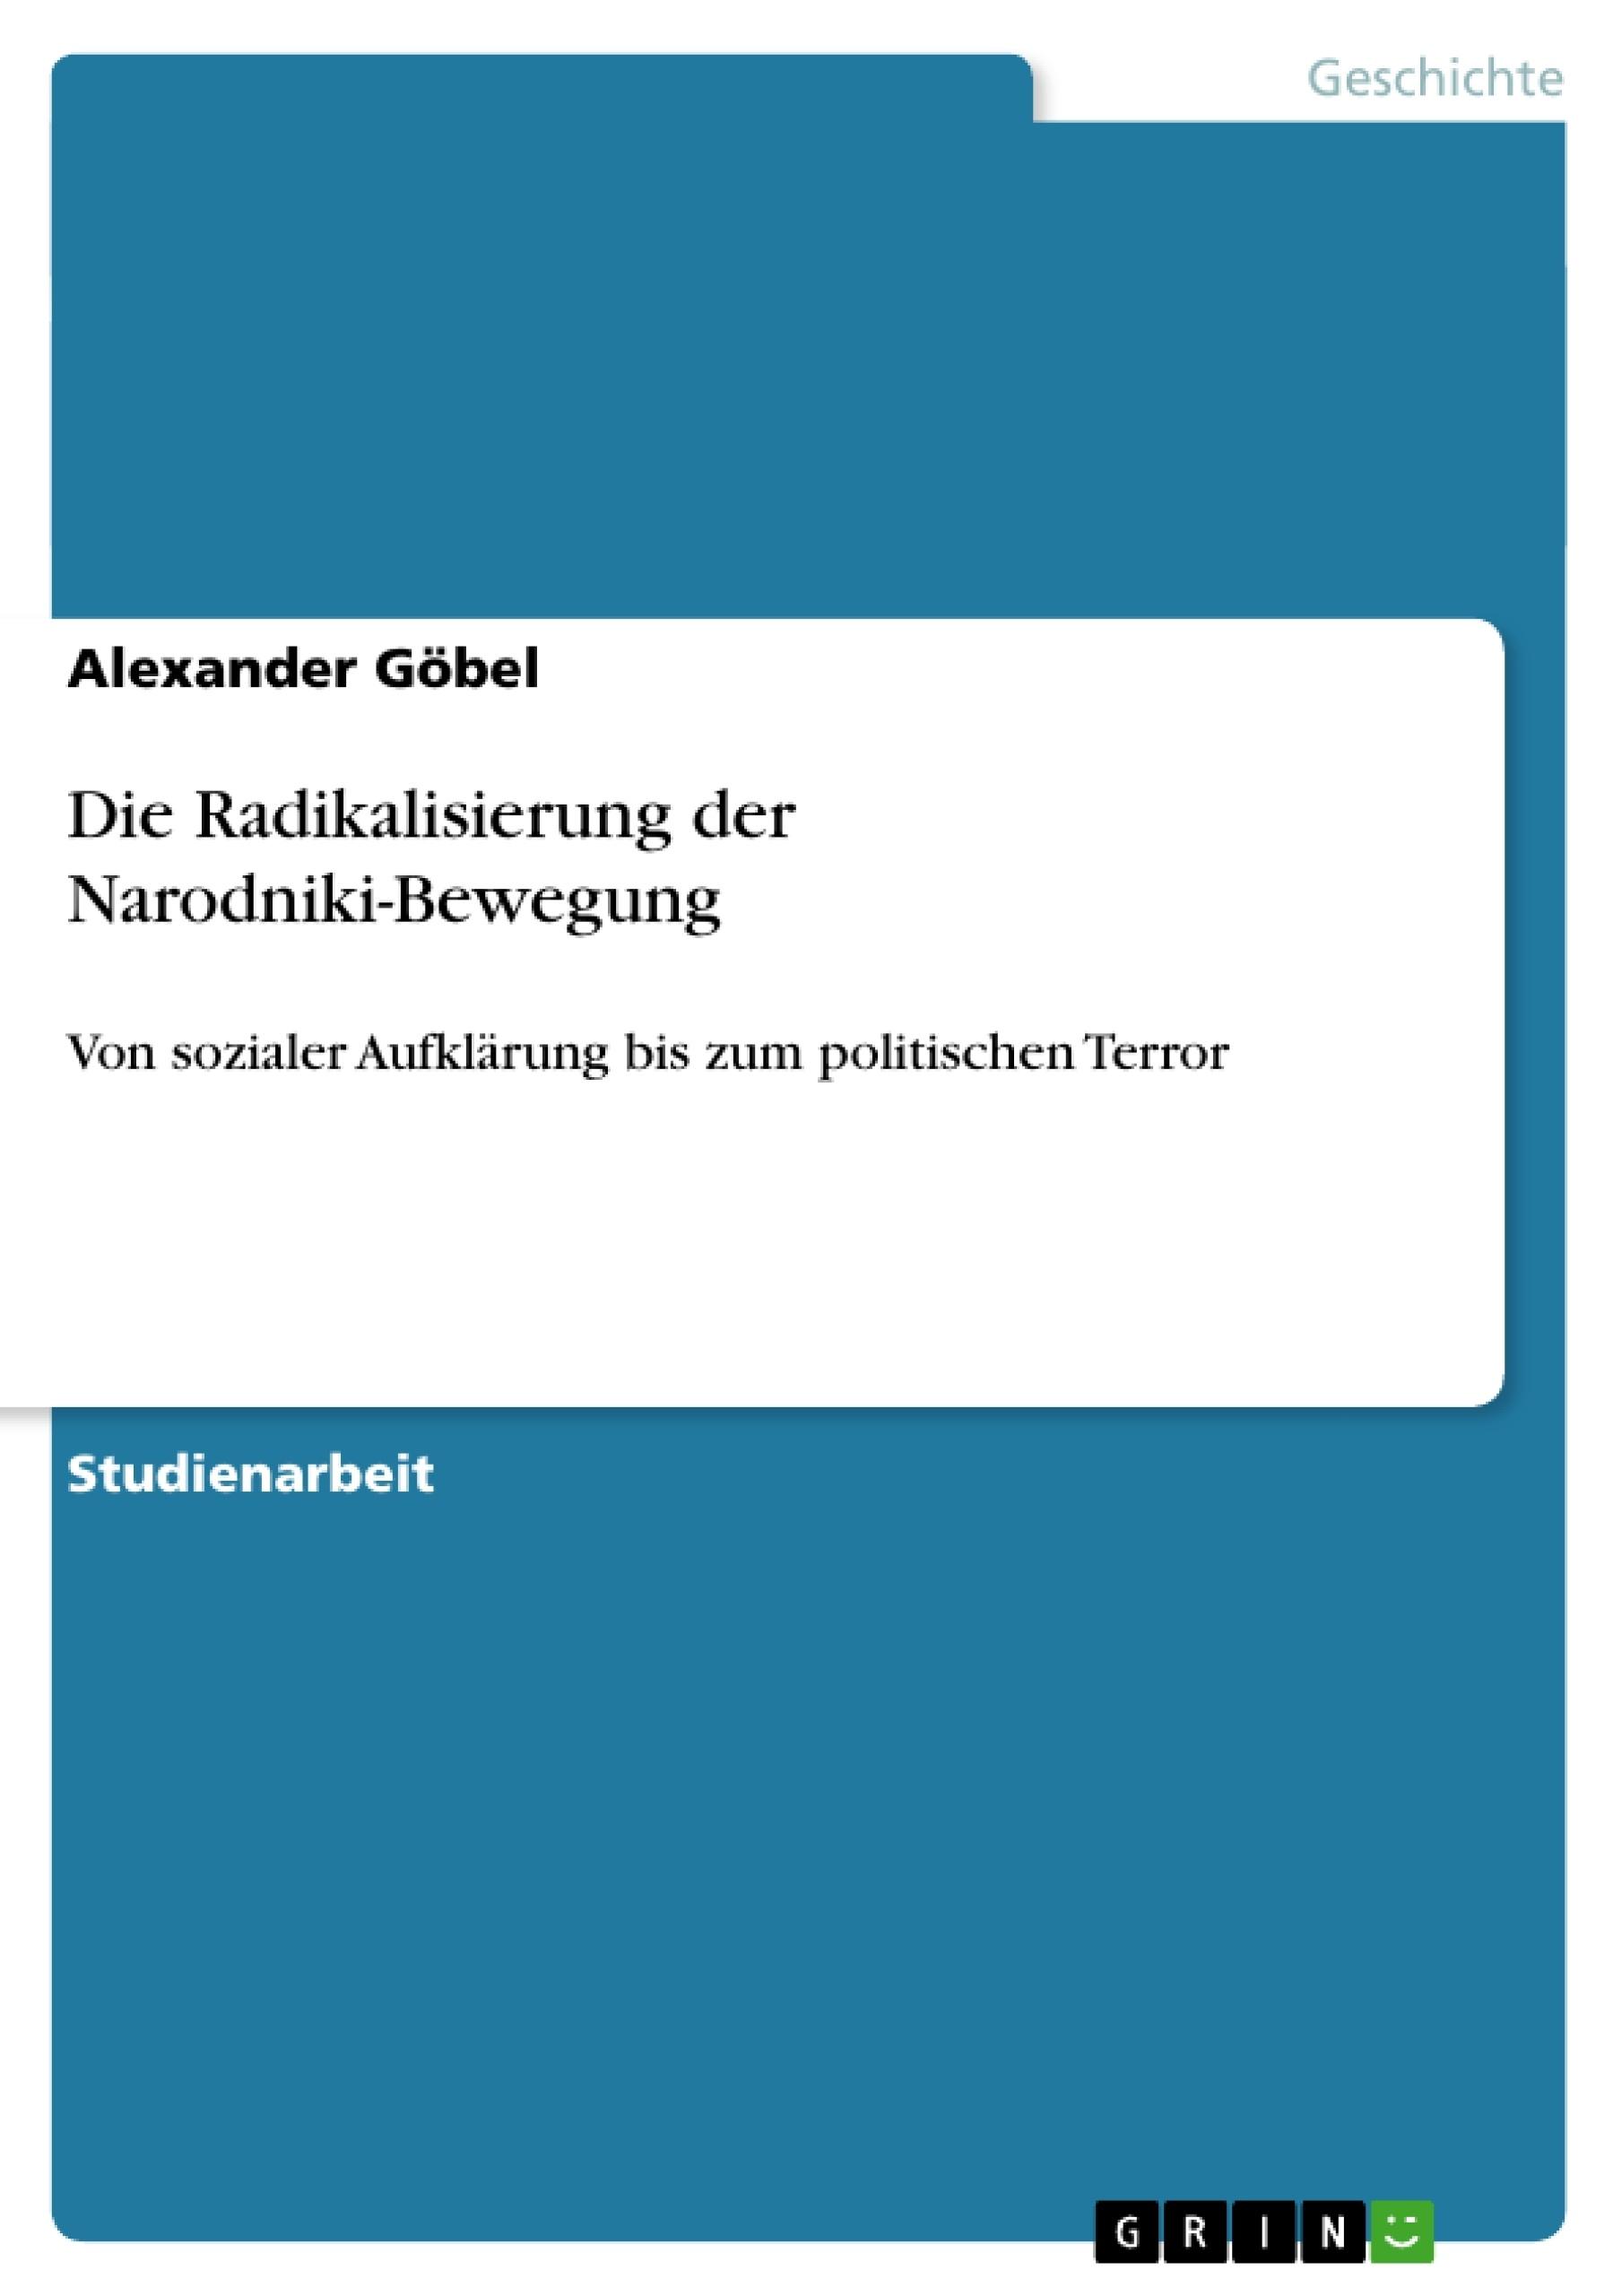 Titel: Die Radikalisierung der Narodniki-Bewegung